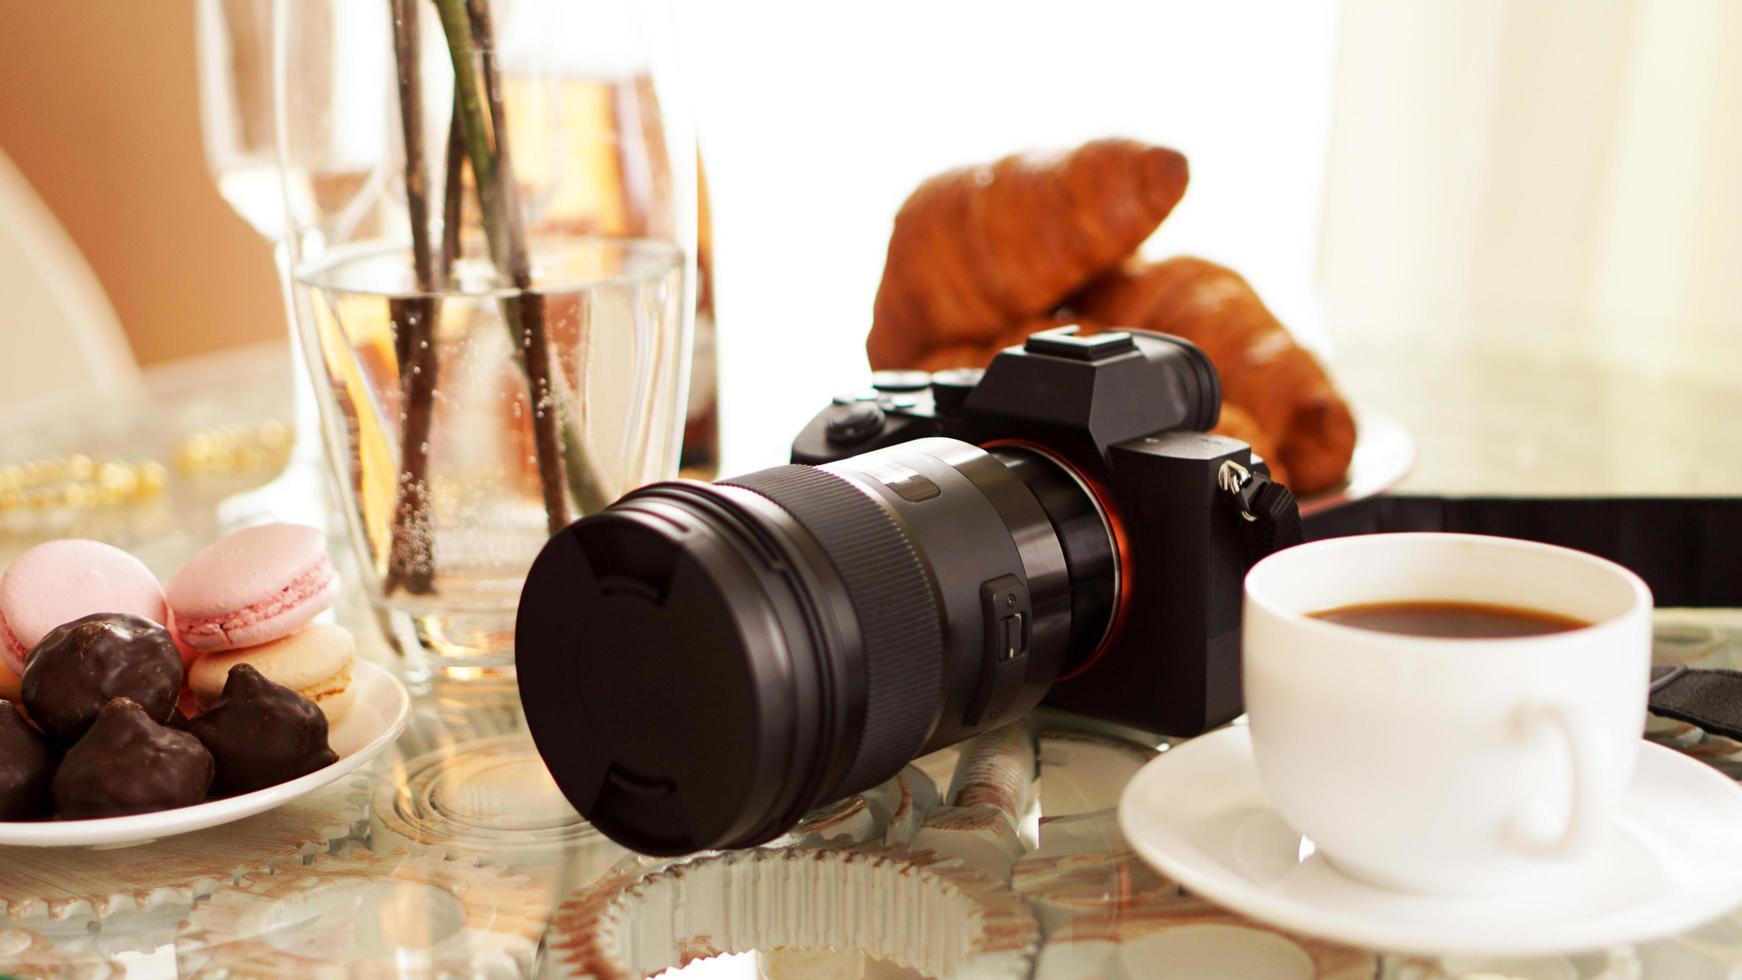 Fotokamera mit Objektiv auf Glastisch. Tasse Kaffee foto